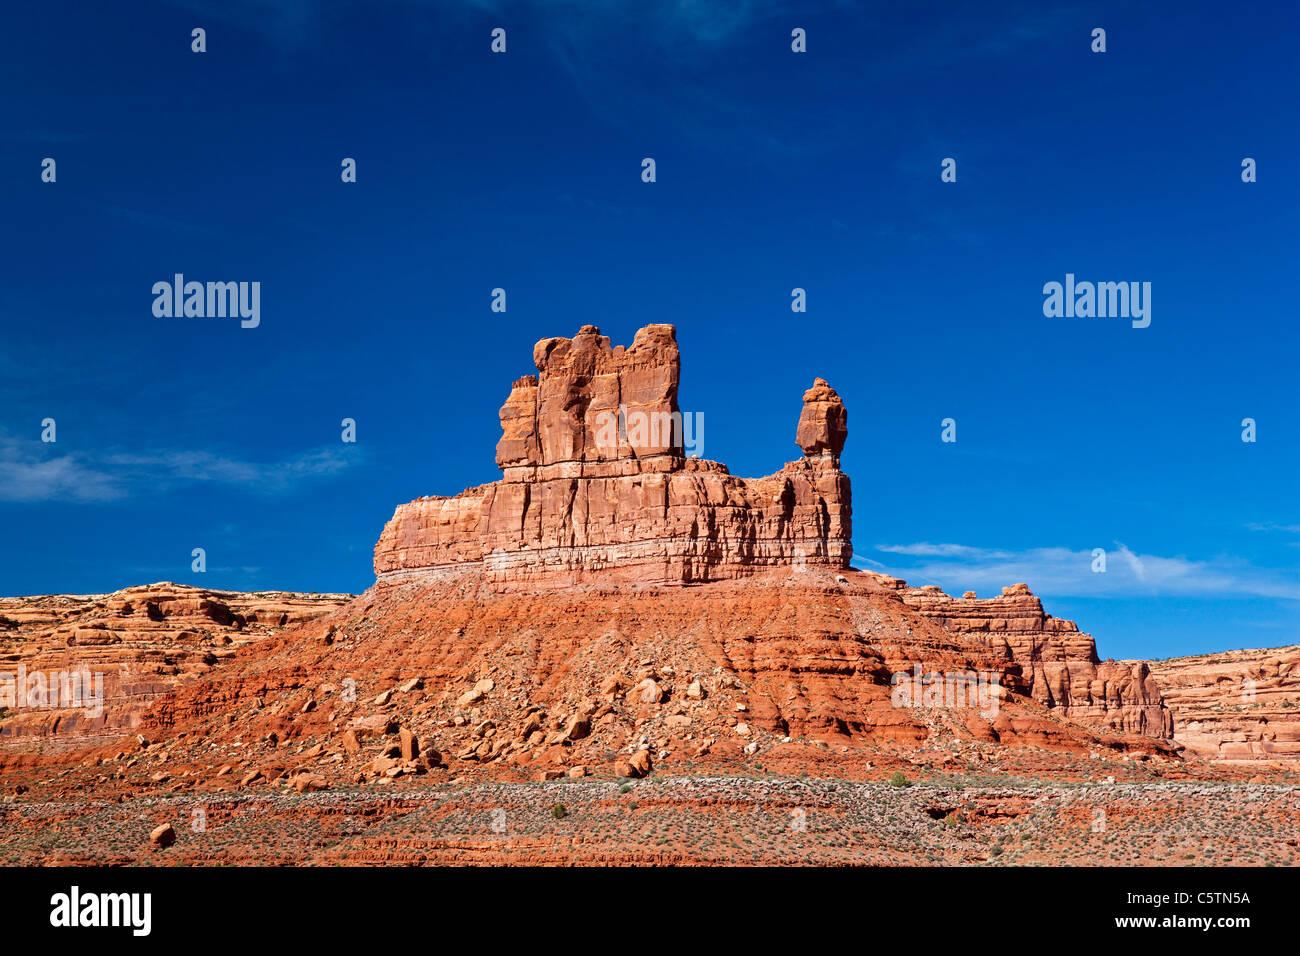 USA, Utah, Valley of the Gods, Desert scenery - Stock Image